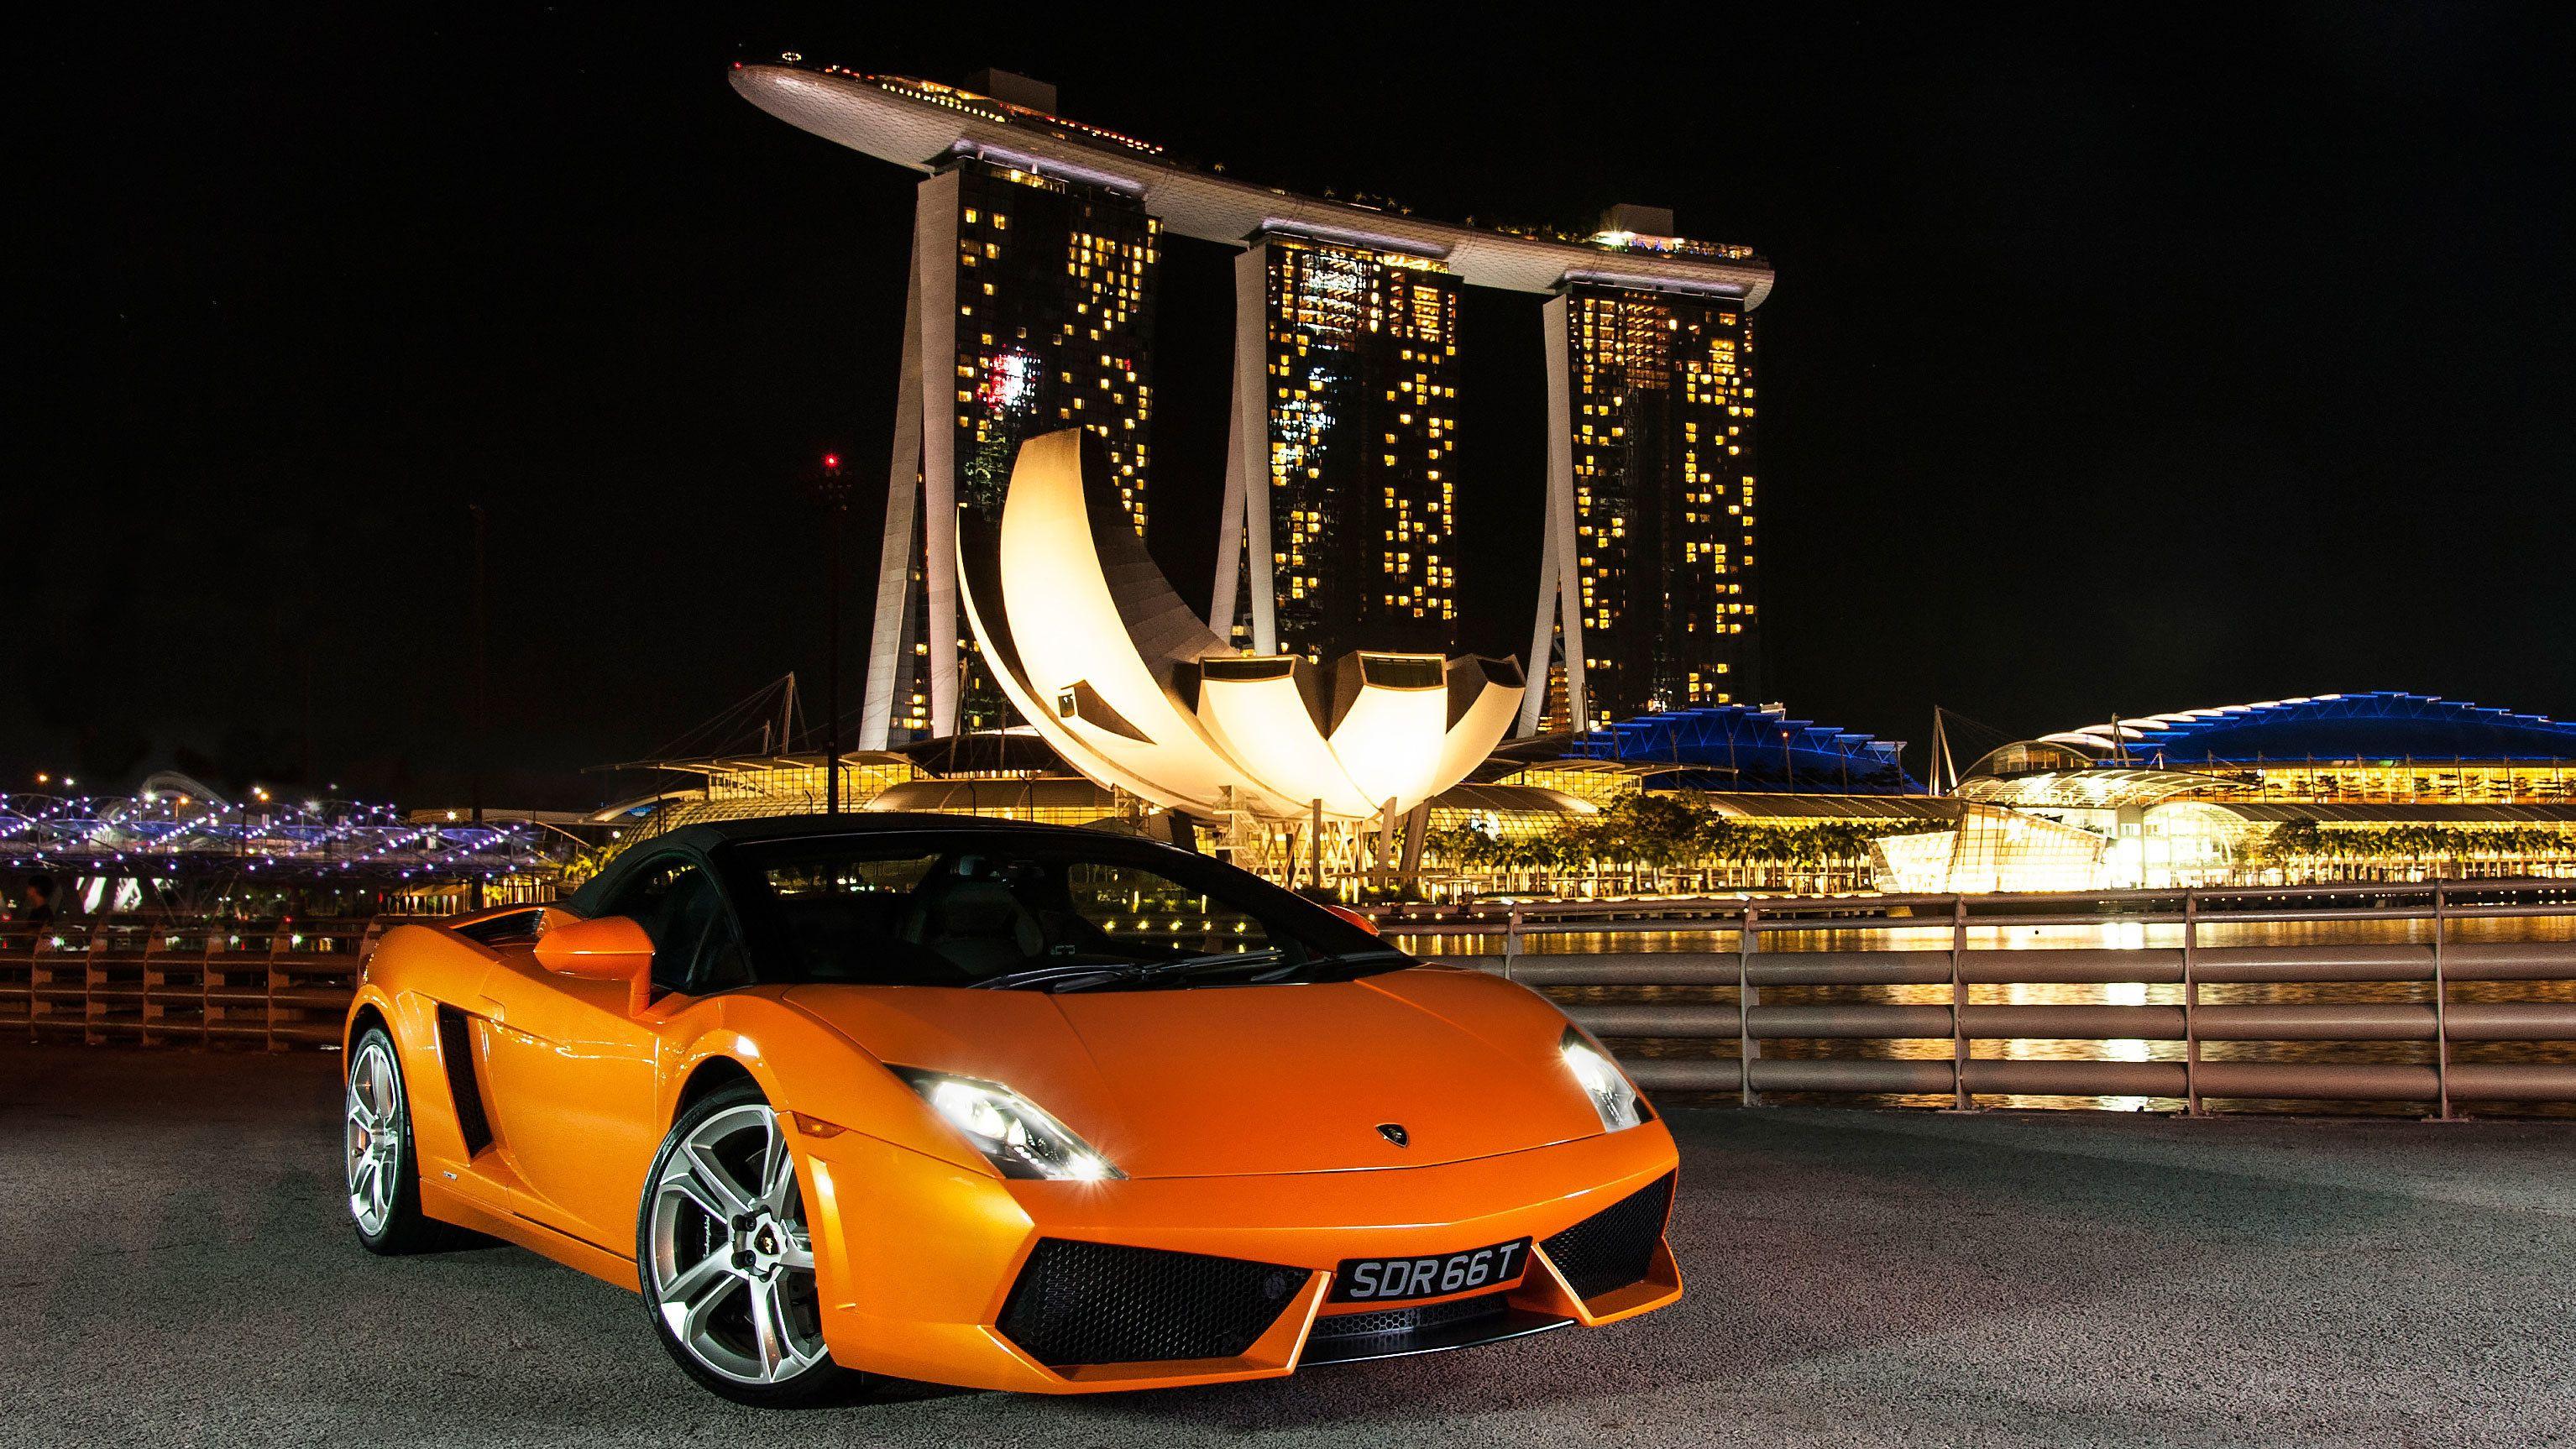 Orange sports car at night in Singapore